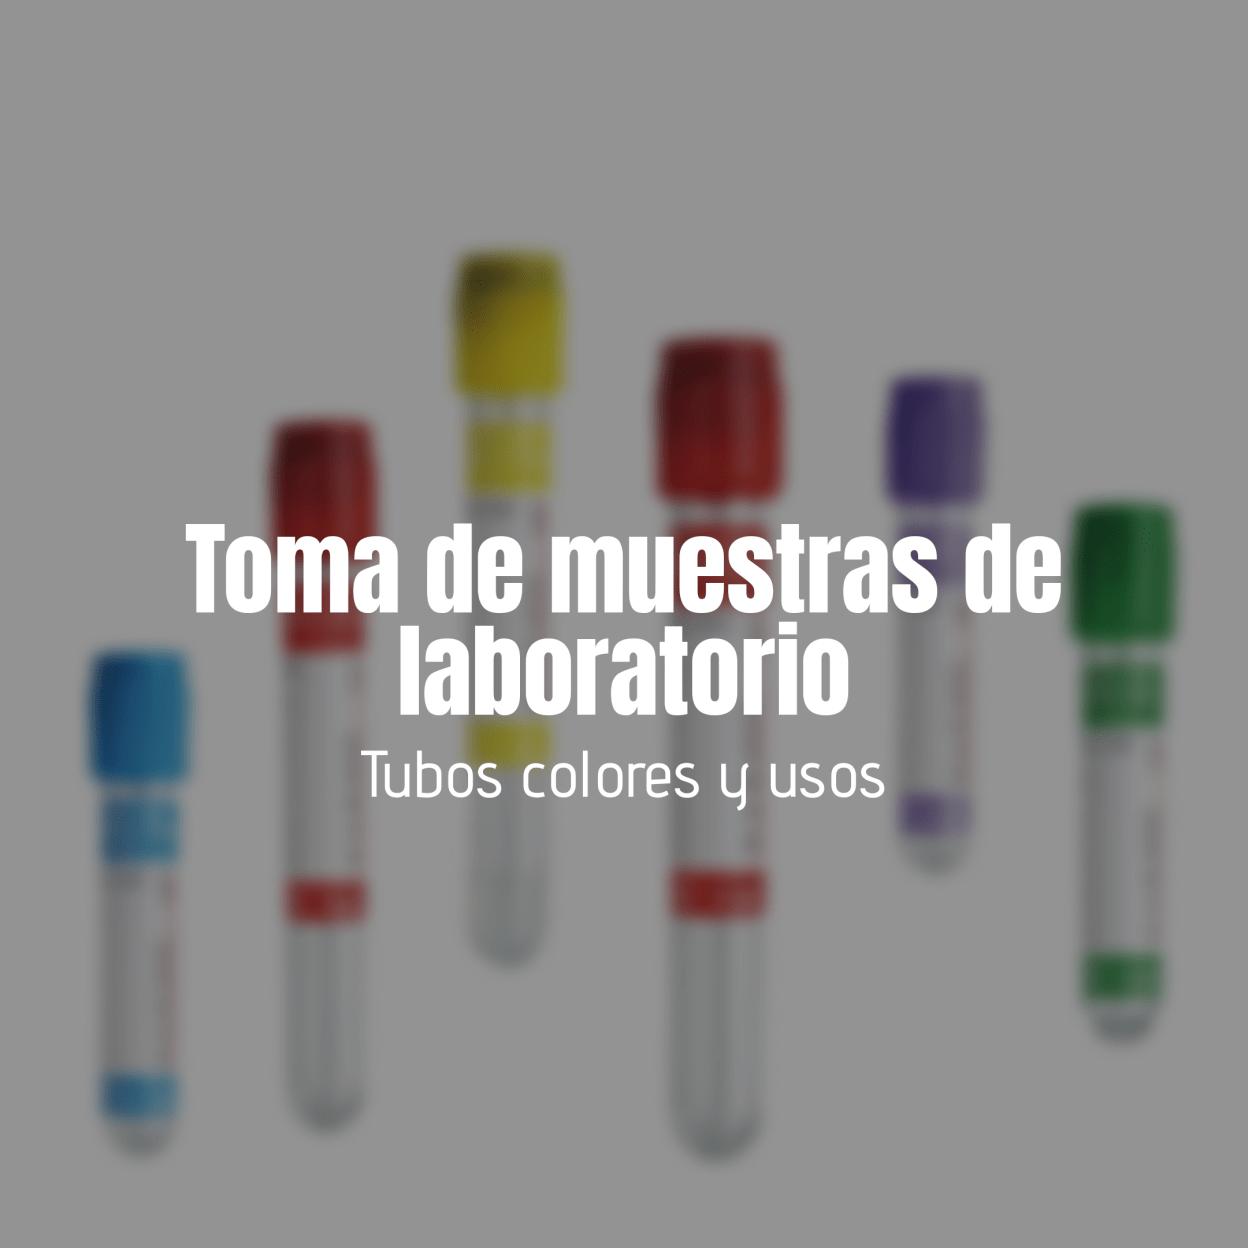 La toma de muestras de laboratorio es un procedimiento que permite acceder al torrente sanguíneo para extraer una pequeña muestra de sangre, que será utilizada para diversas pruebas